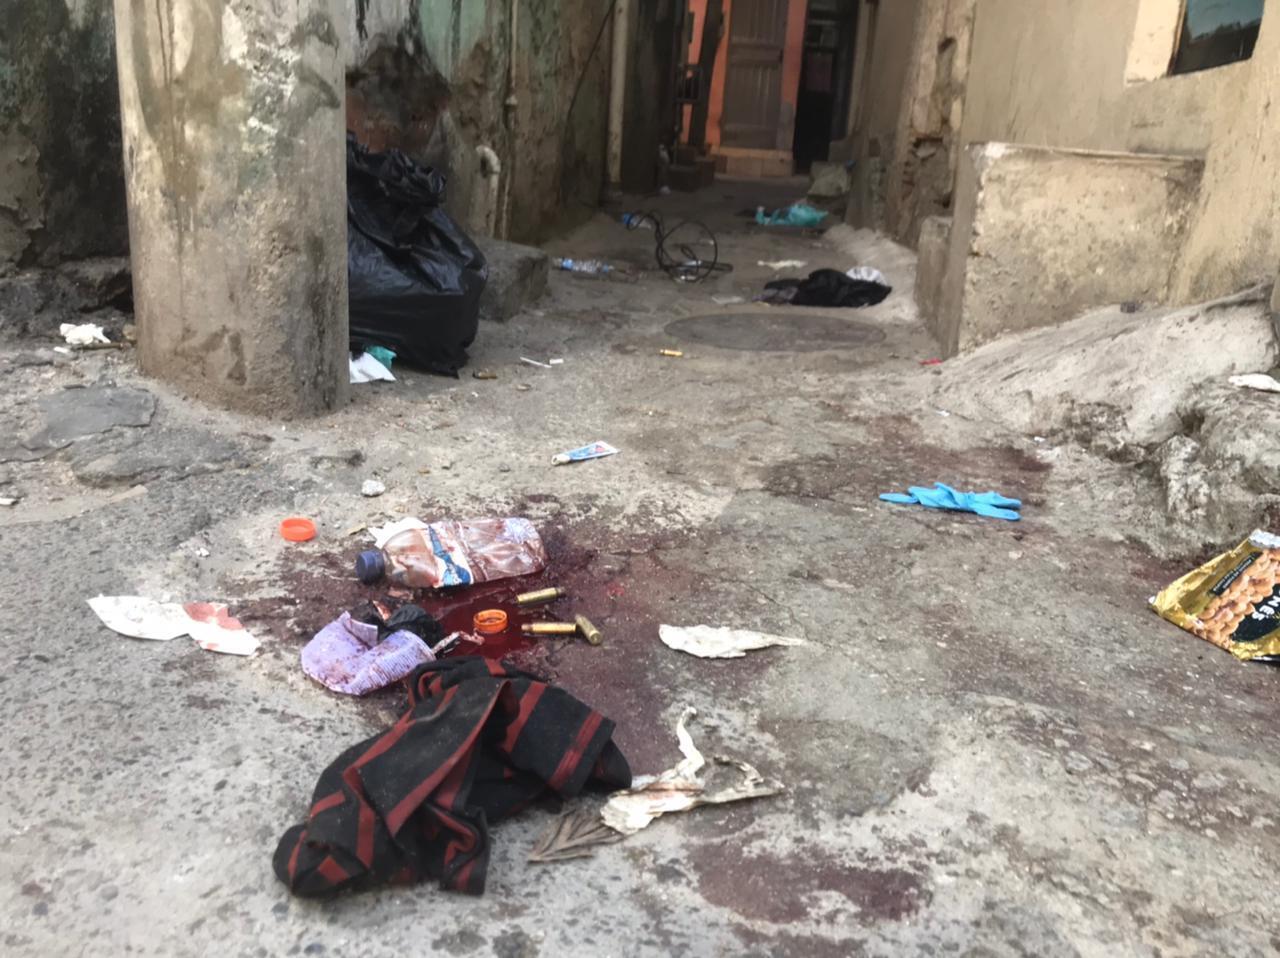 Plusieurs activistes ont recueilli les témoignages des habitants de la favela de Jacarezinho, dans le nord de Rio de Janeiro, au Brésil, après une opération policière meurtrière le 6 mai 2021.